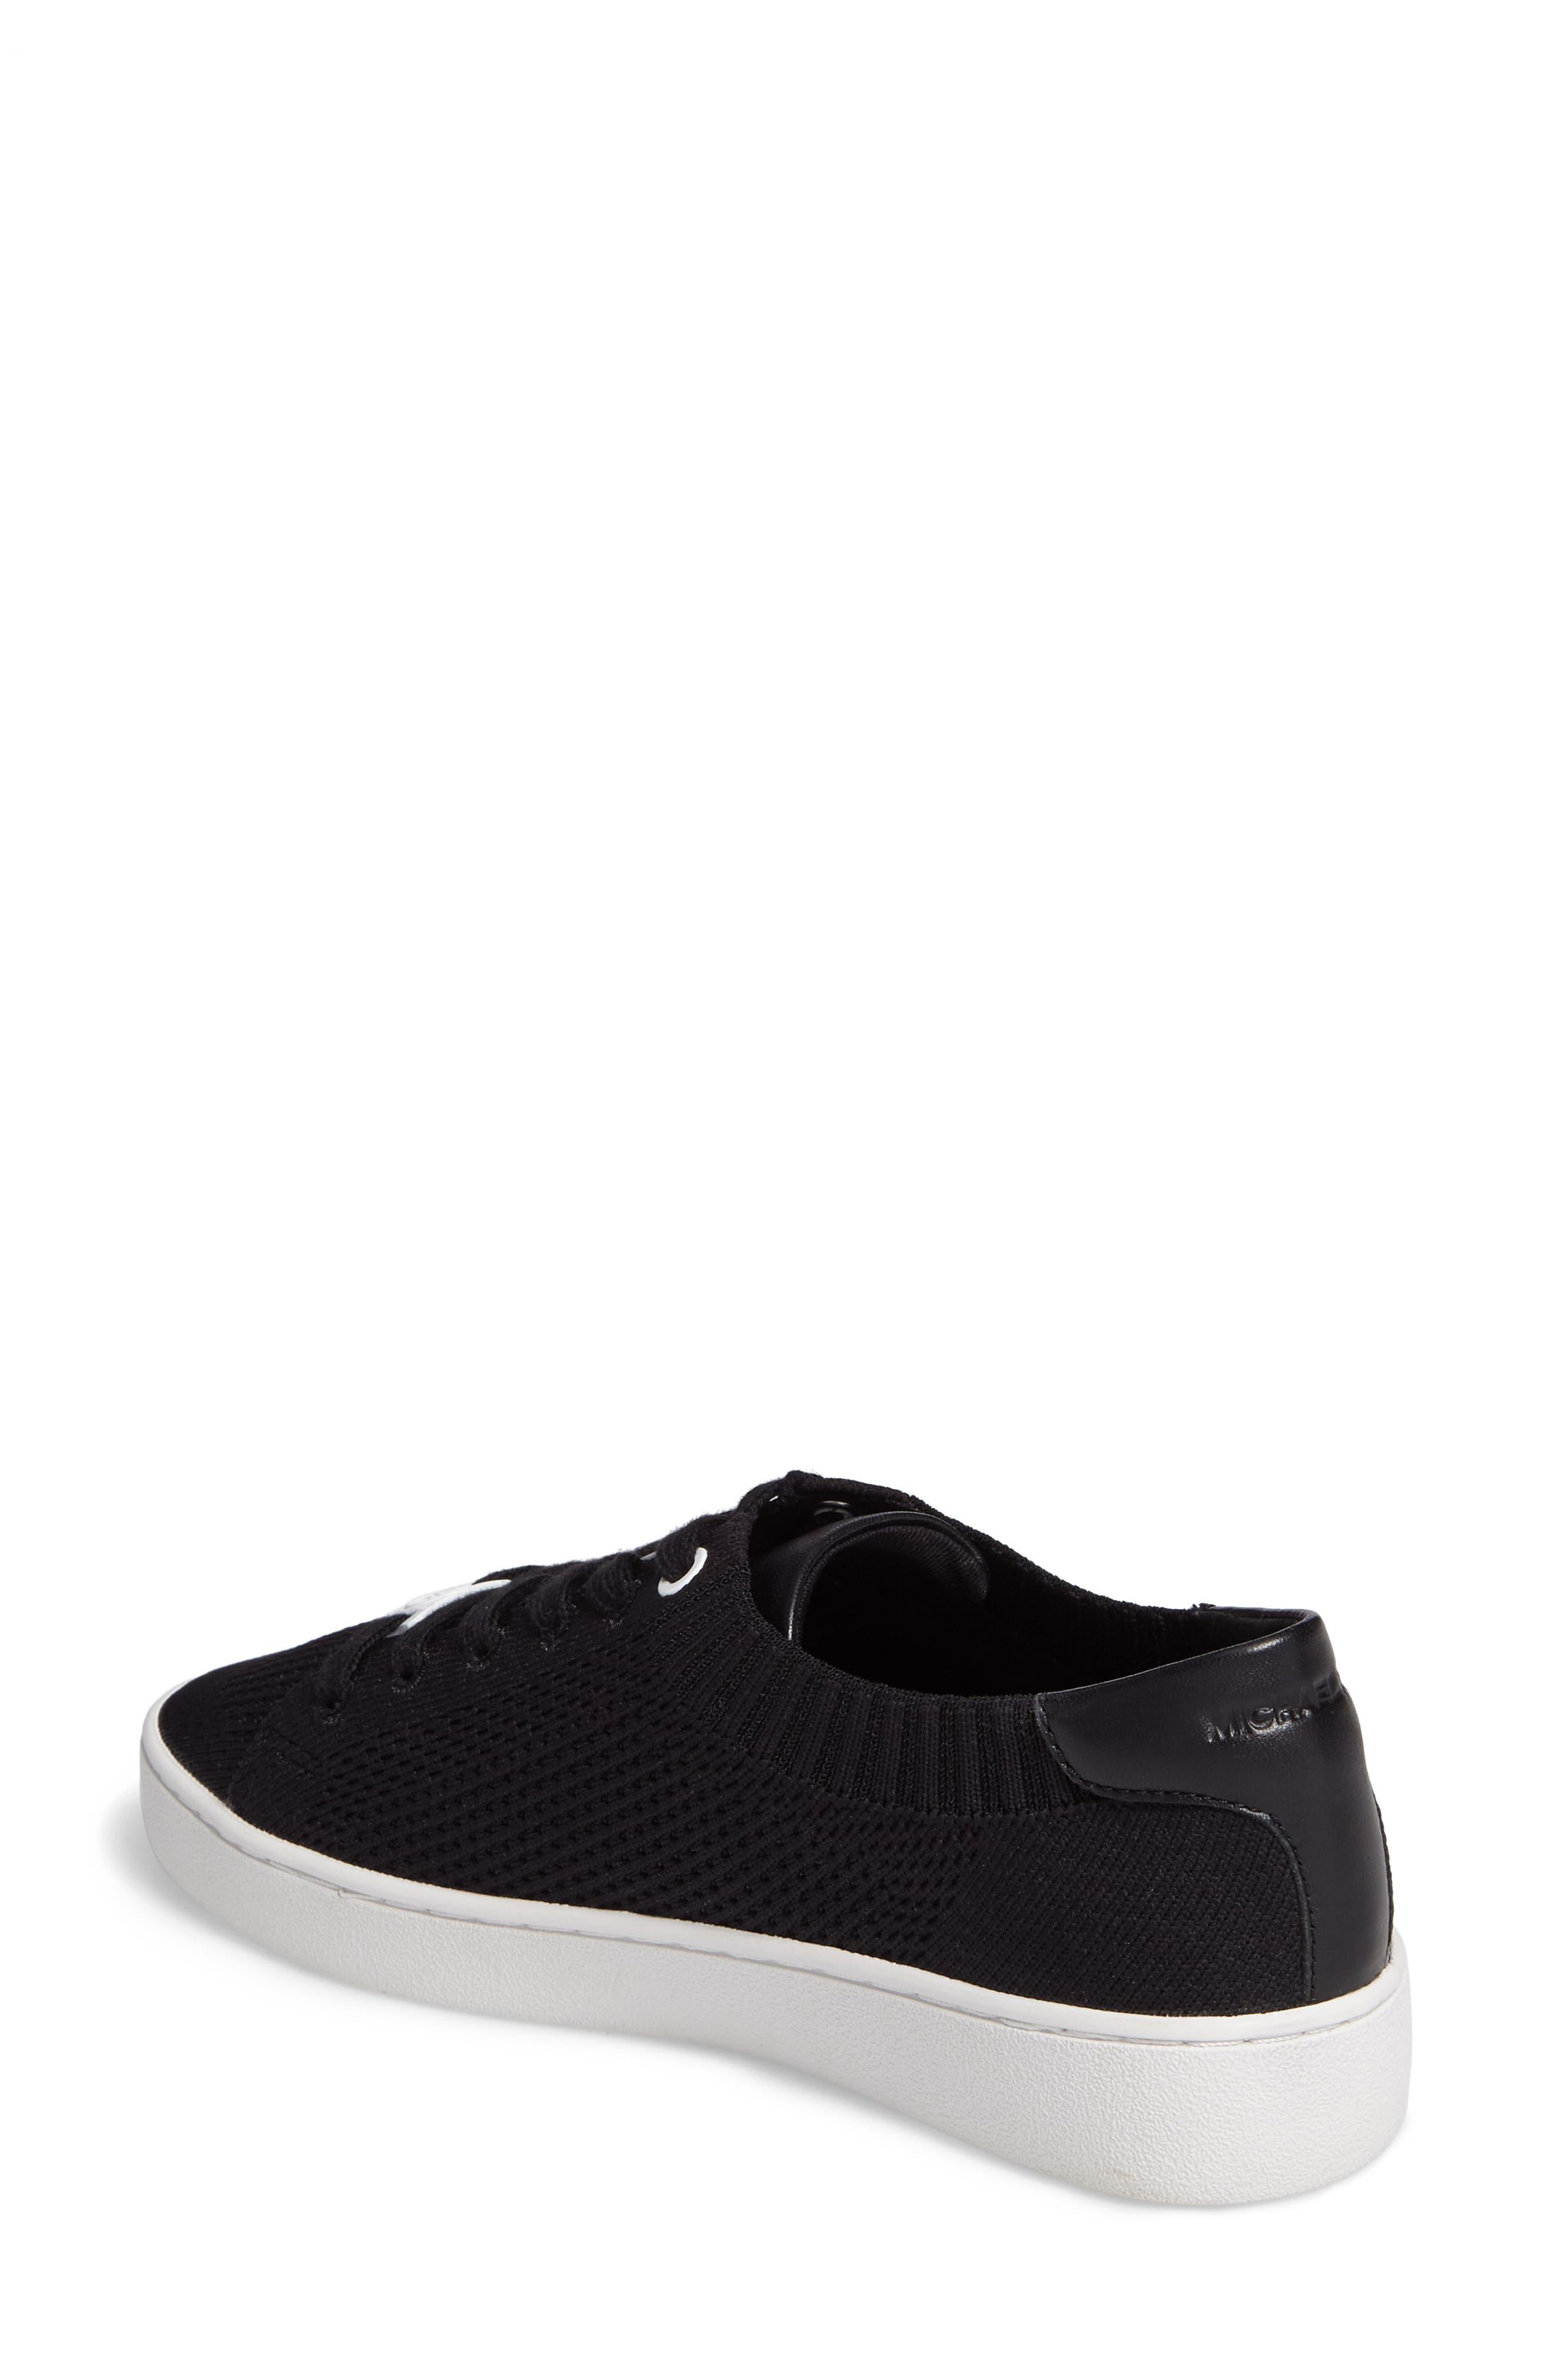 Skyler Knit Sneaker,                             Alternate thumbnail 2, color,                             001